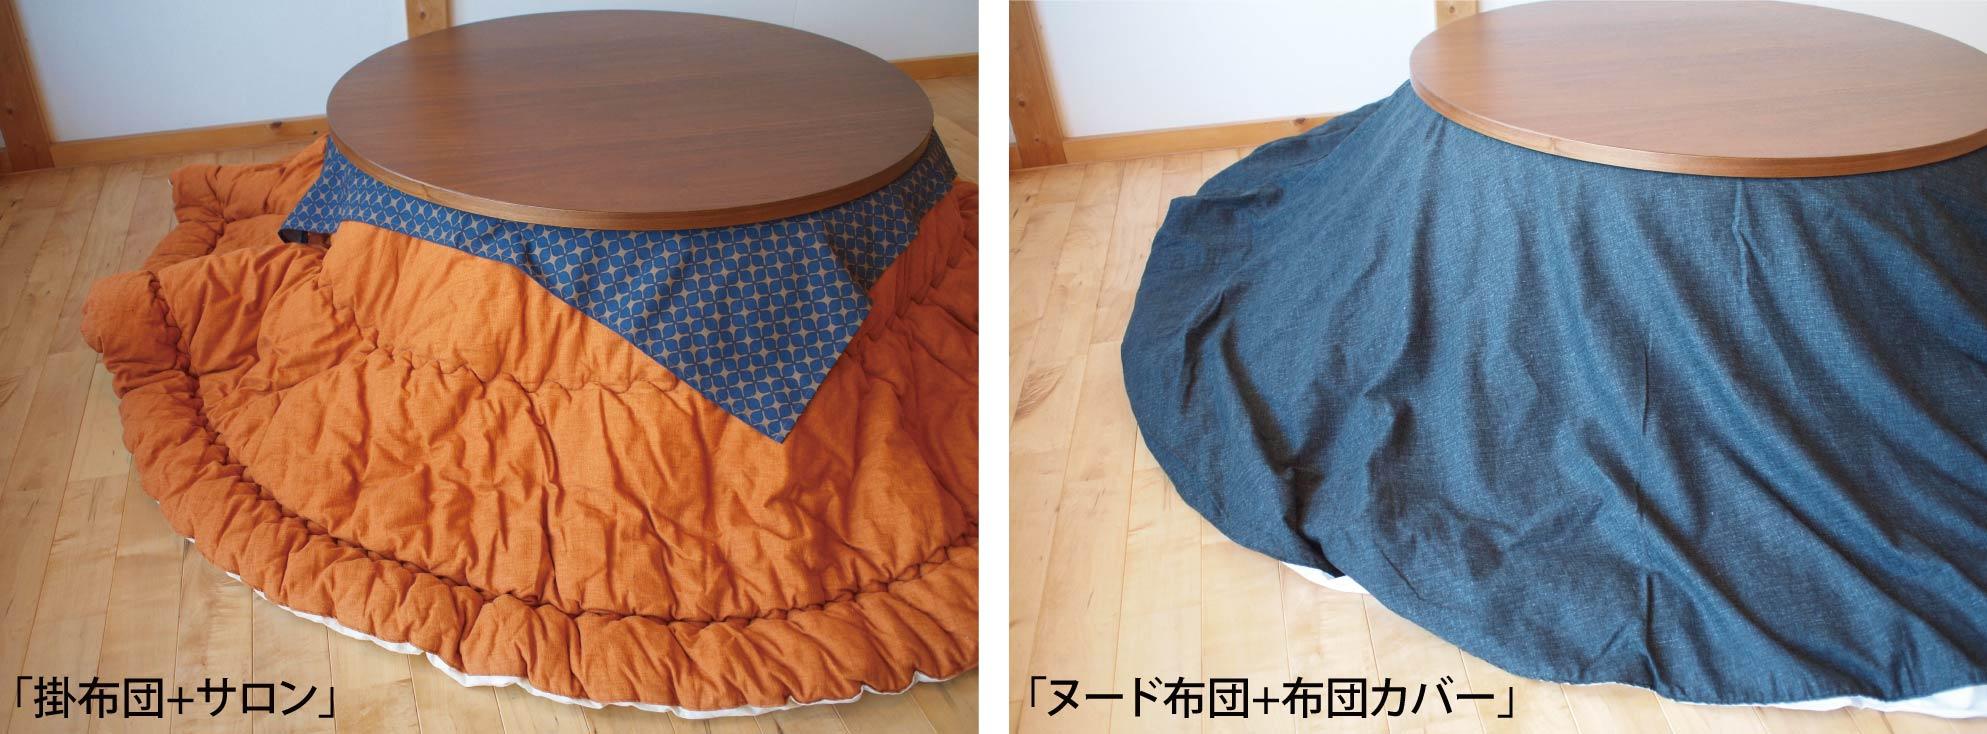 好みに合わせて選べる「布団」のバリエーション